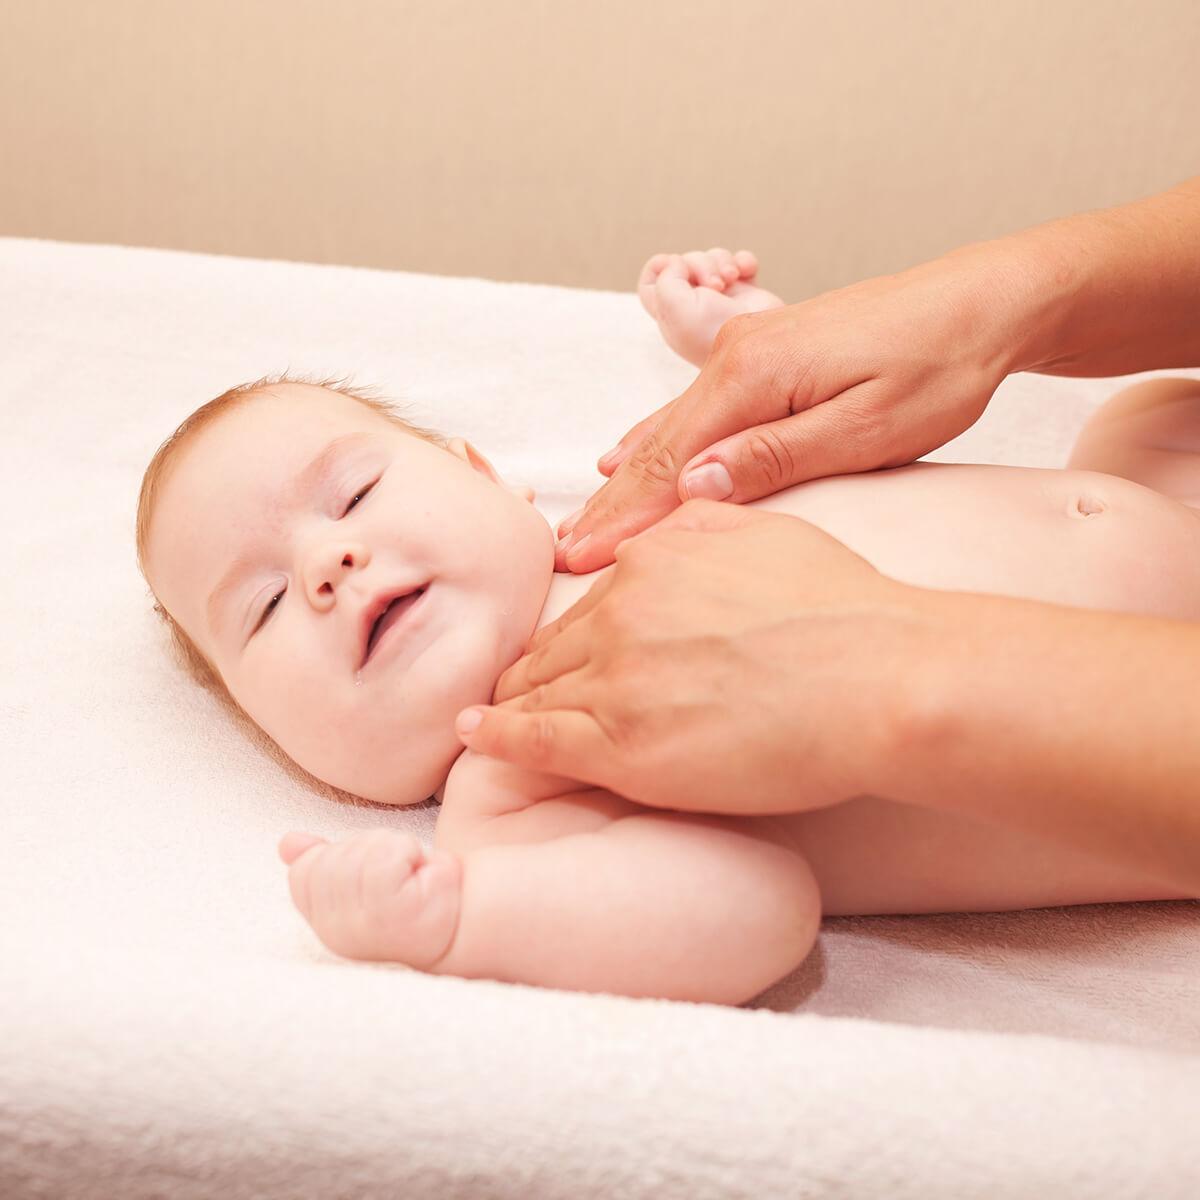 Кривошея. причины, признаки, методы лечения. кривошея у новорожденных, спастическая кривошея. :: polismed.com